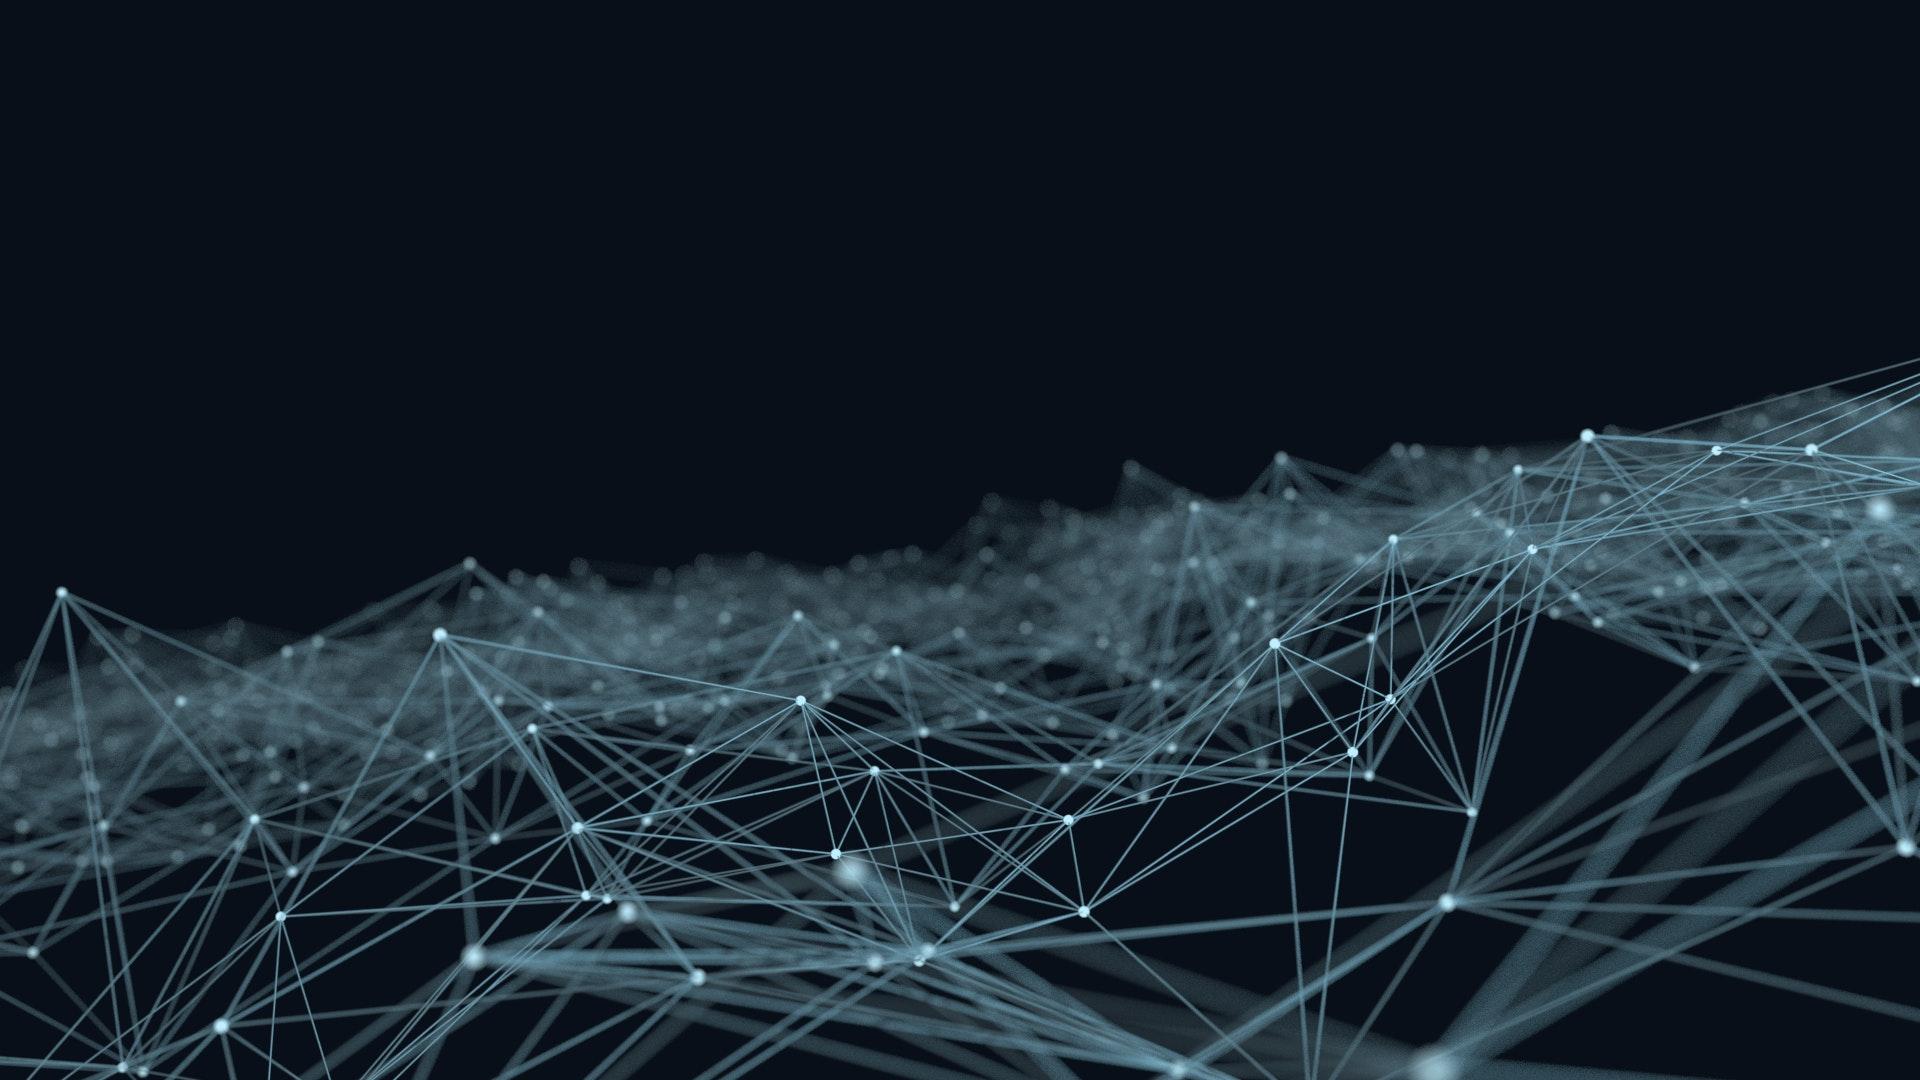 央行:构建智能企业风险管理体系,创造良好互助信用社会